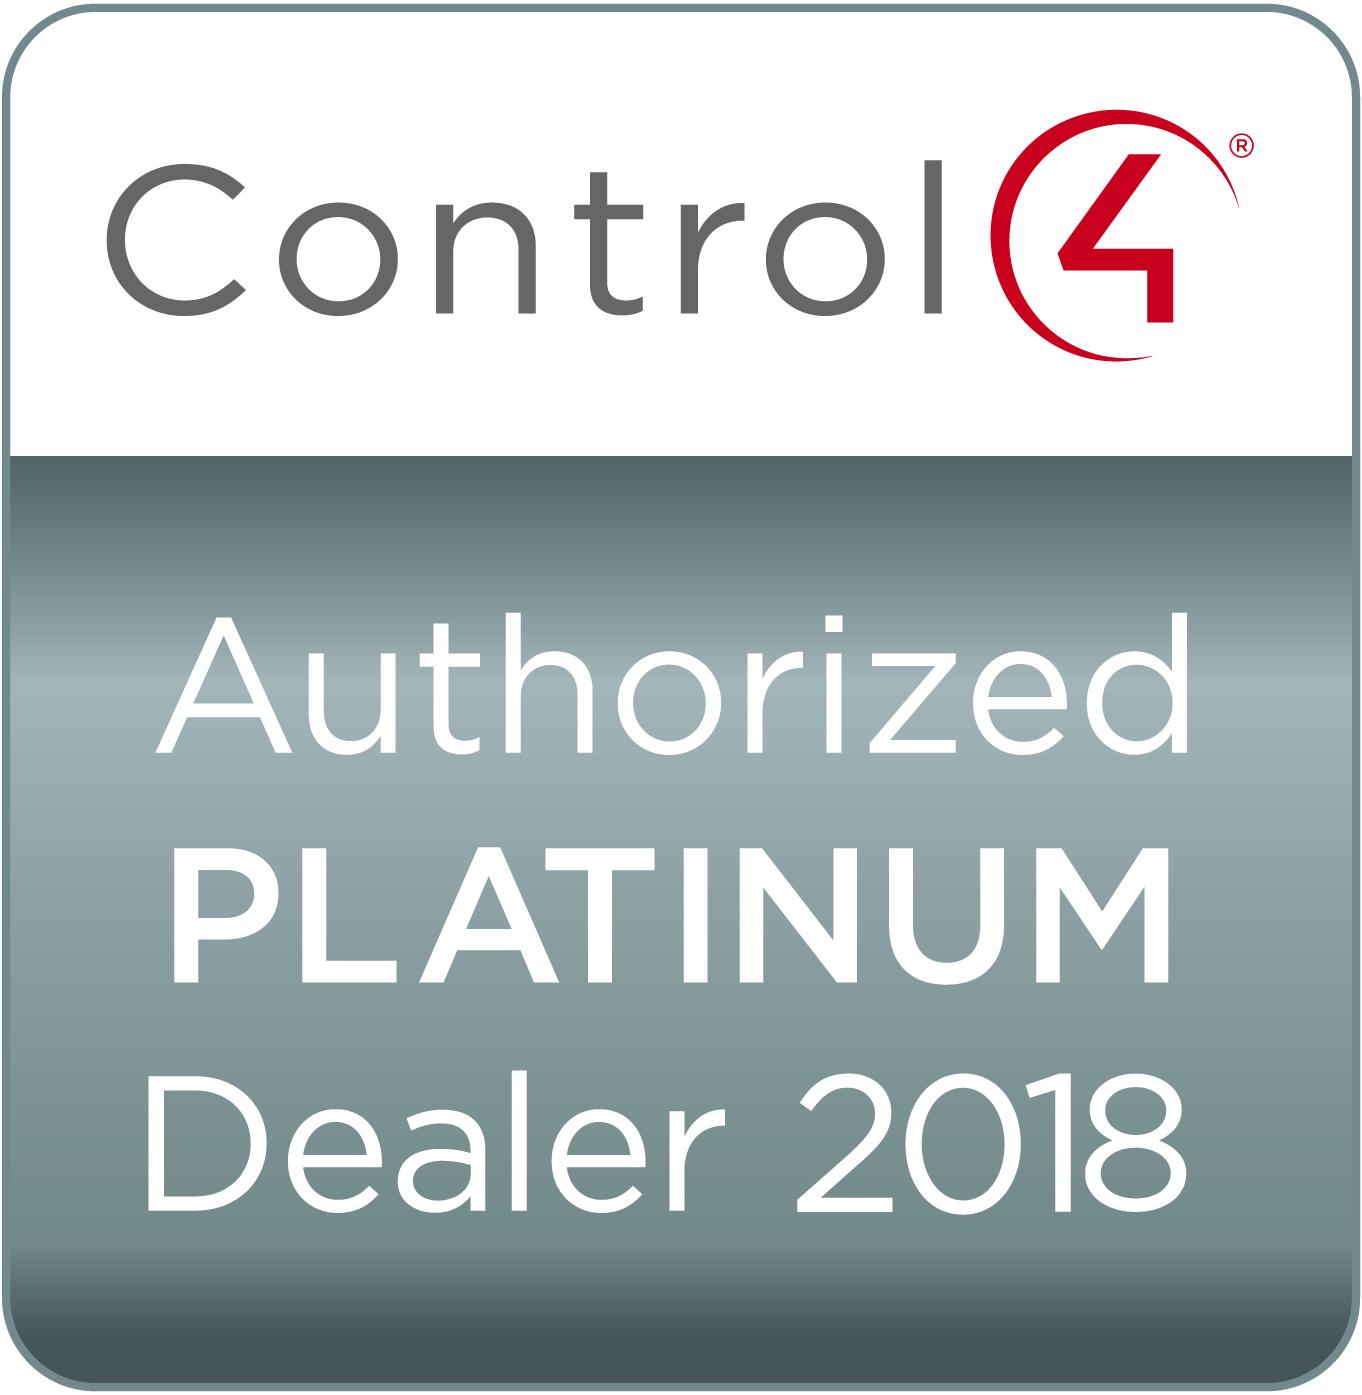 C4_Dealer_Status_Badges_square_2018_Platinum .jpg